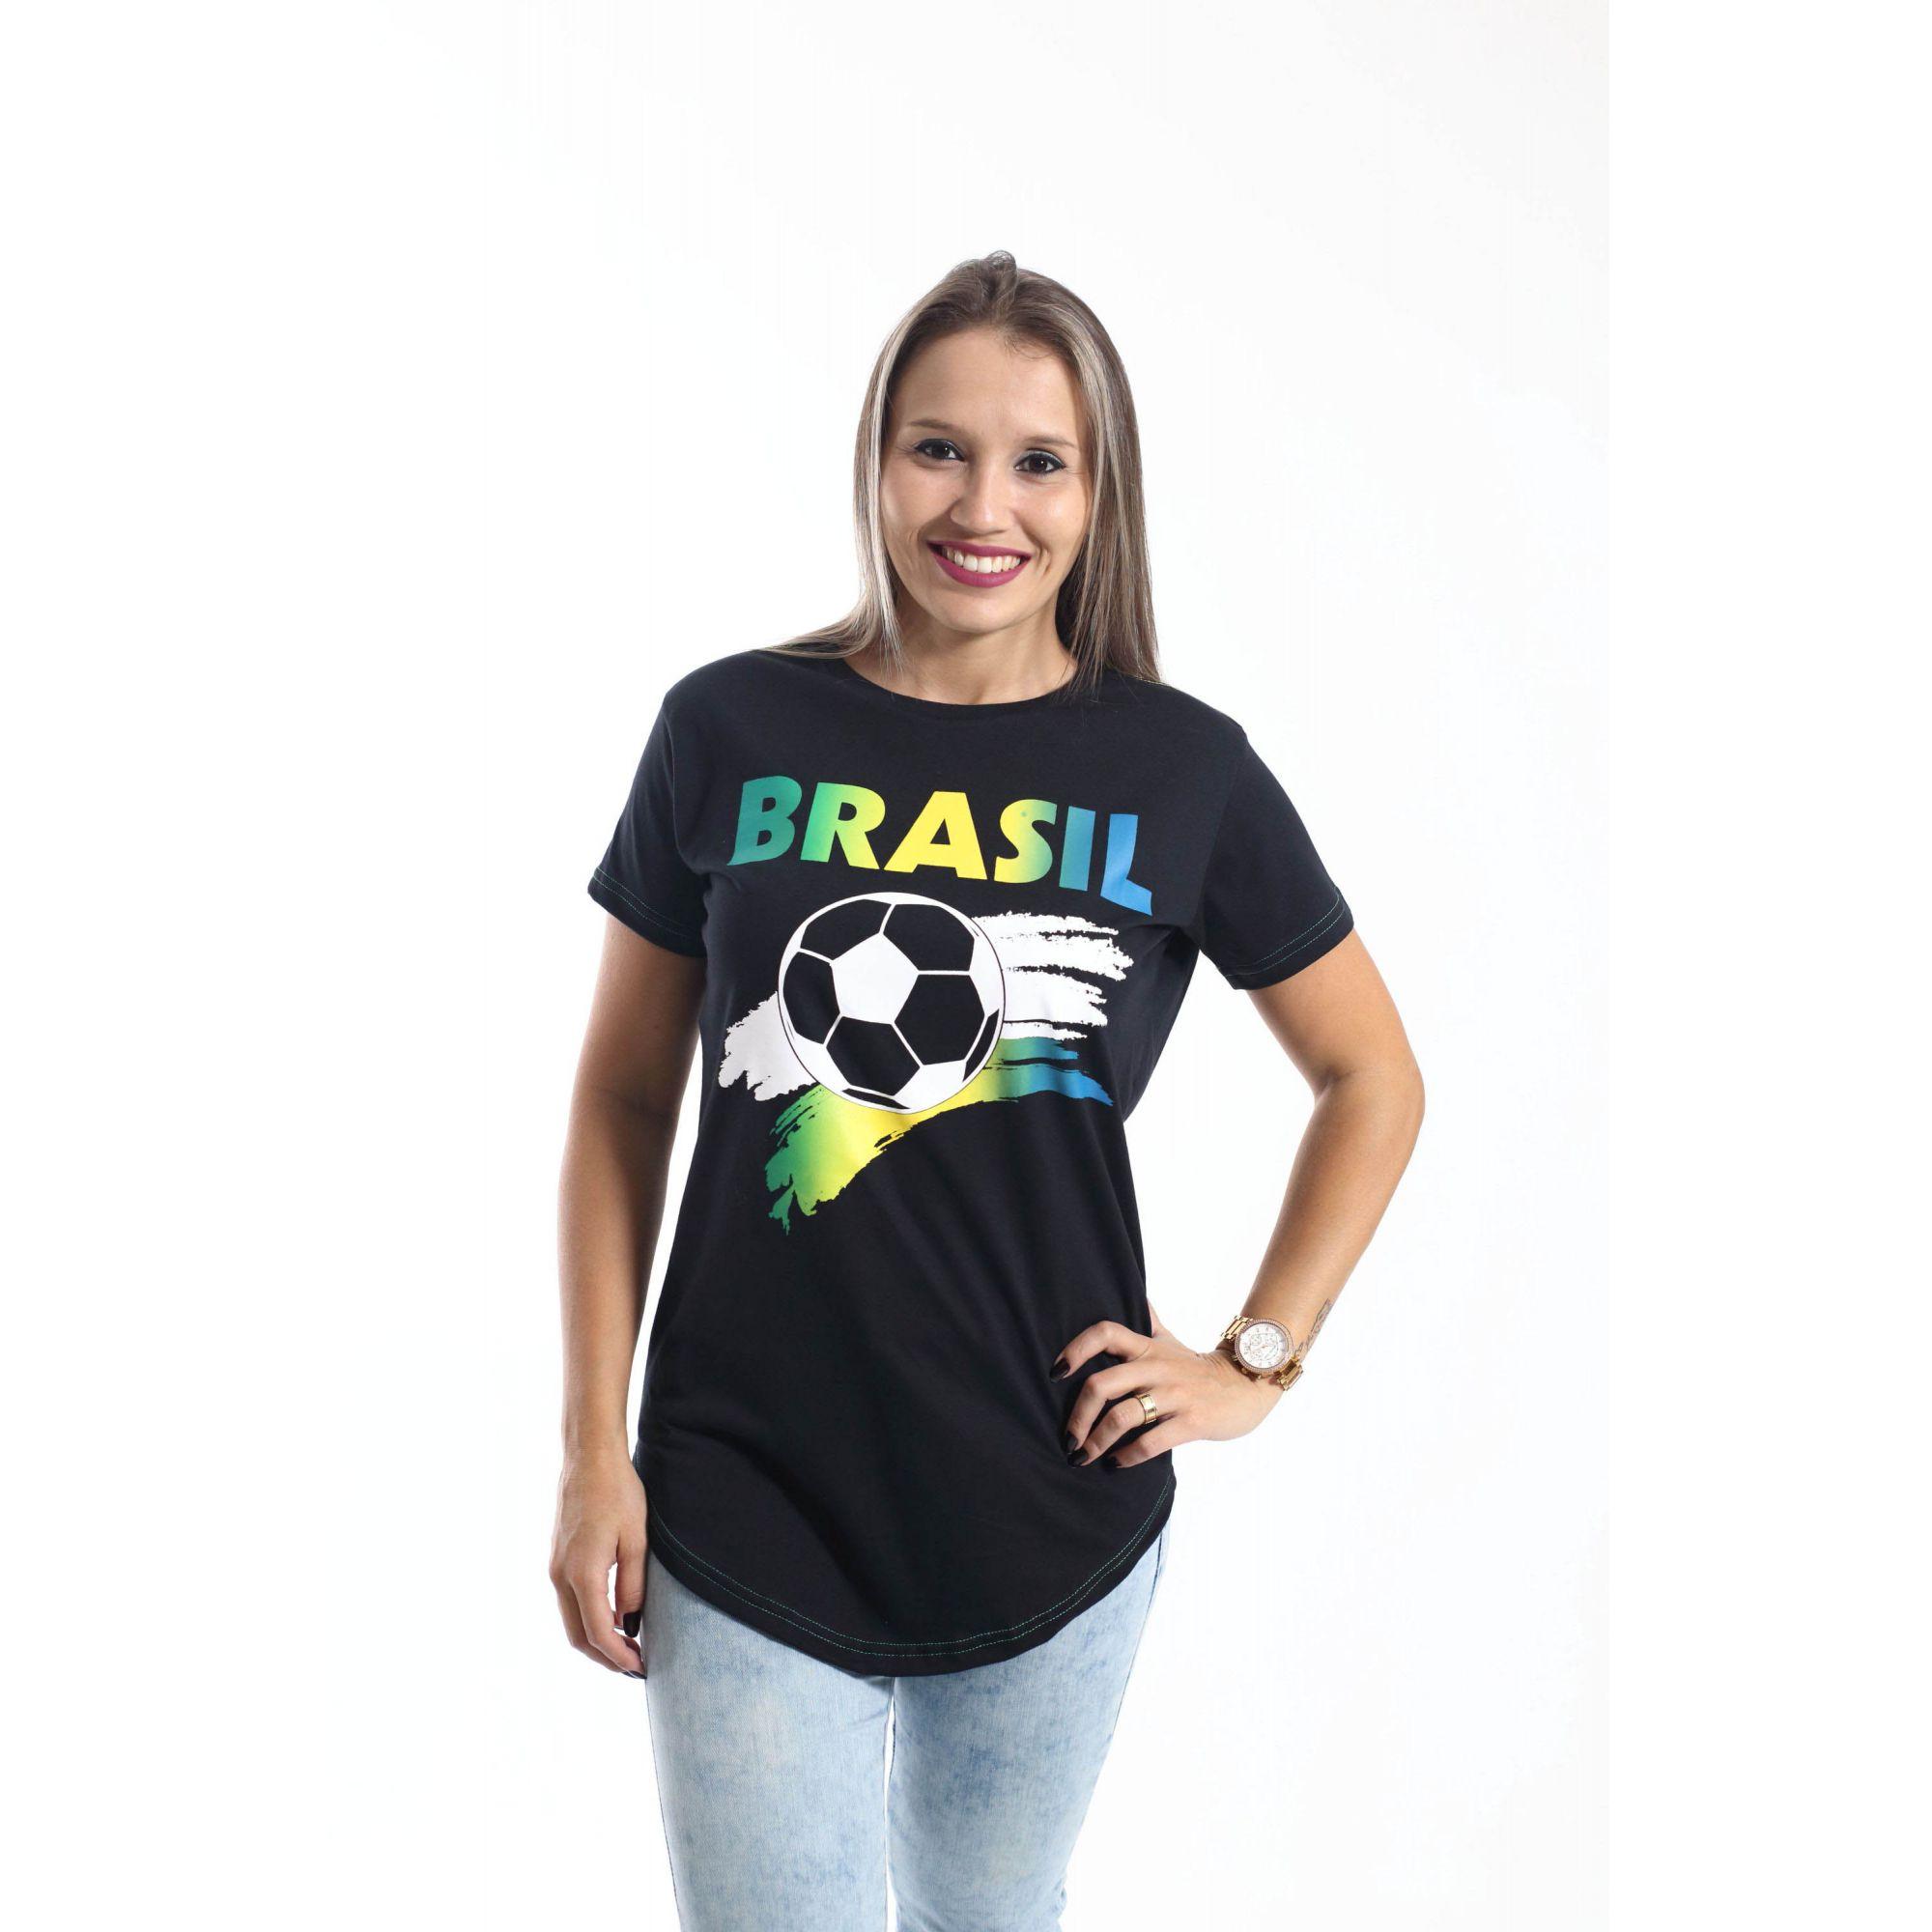 MÃE E FILHA > Kit 02 Camisetas Long Brasil [Coleção Tal Mãe Tal Filha]  - Heitor Fashion Brazil